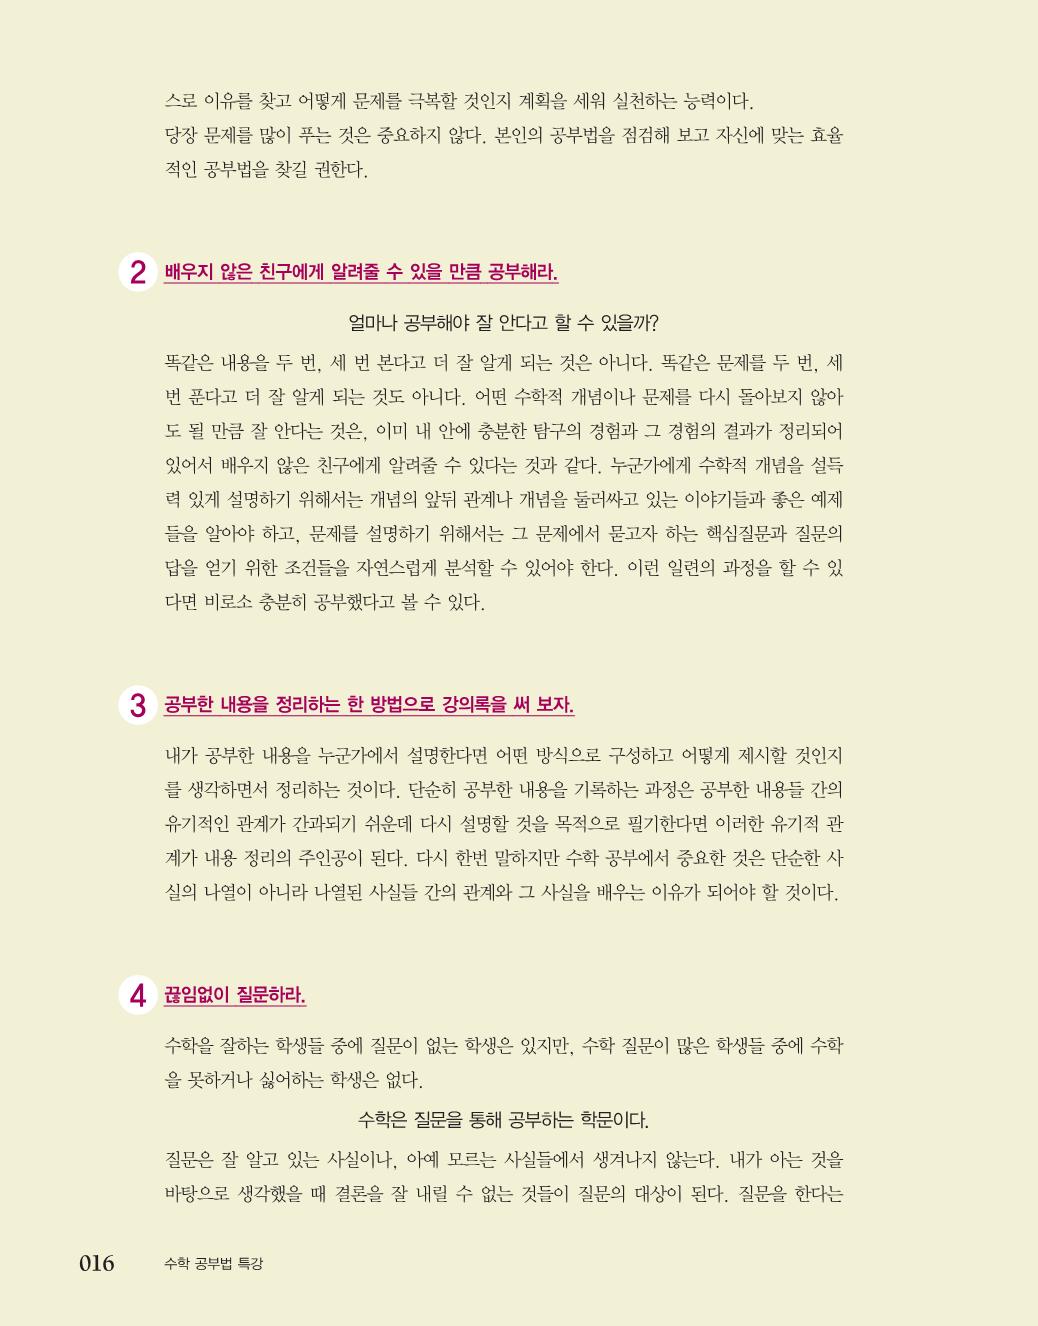 미리보기_숨마쿰라우데_개념기본서_수학113.png